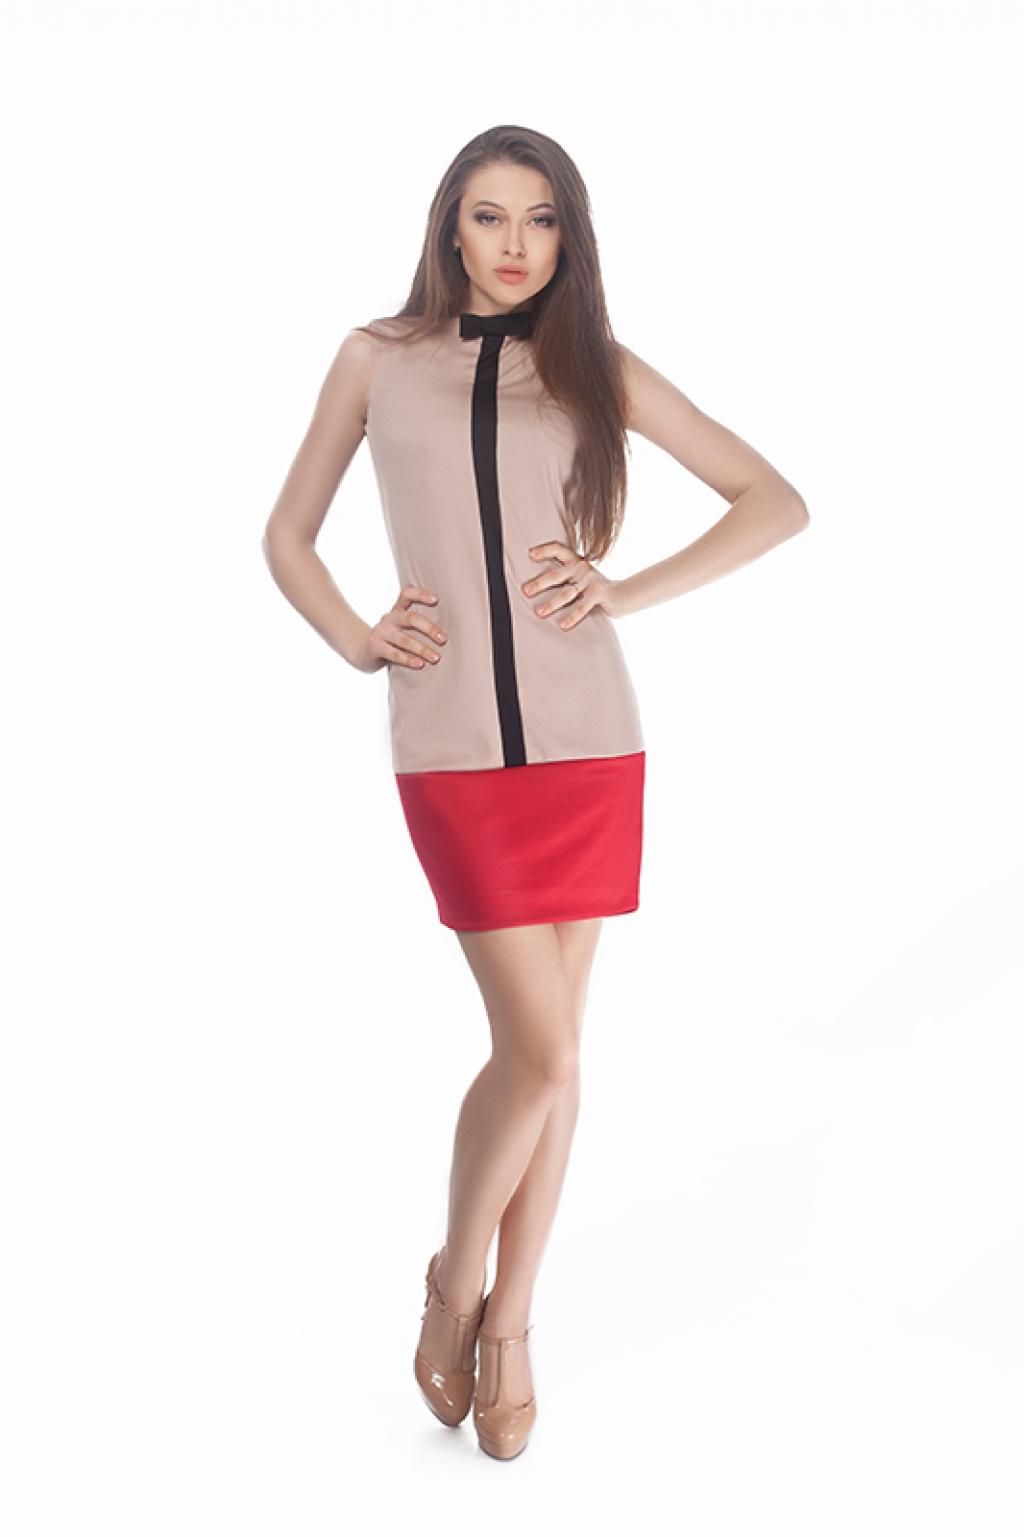 Женская Одежда Интернет Магазин Недорогой Одежды